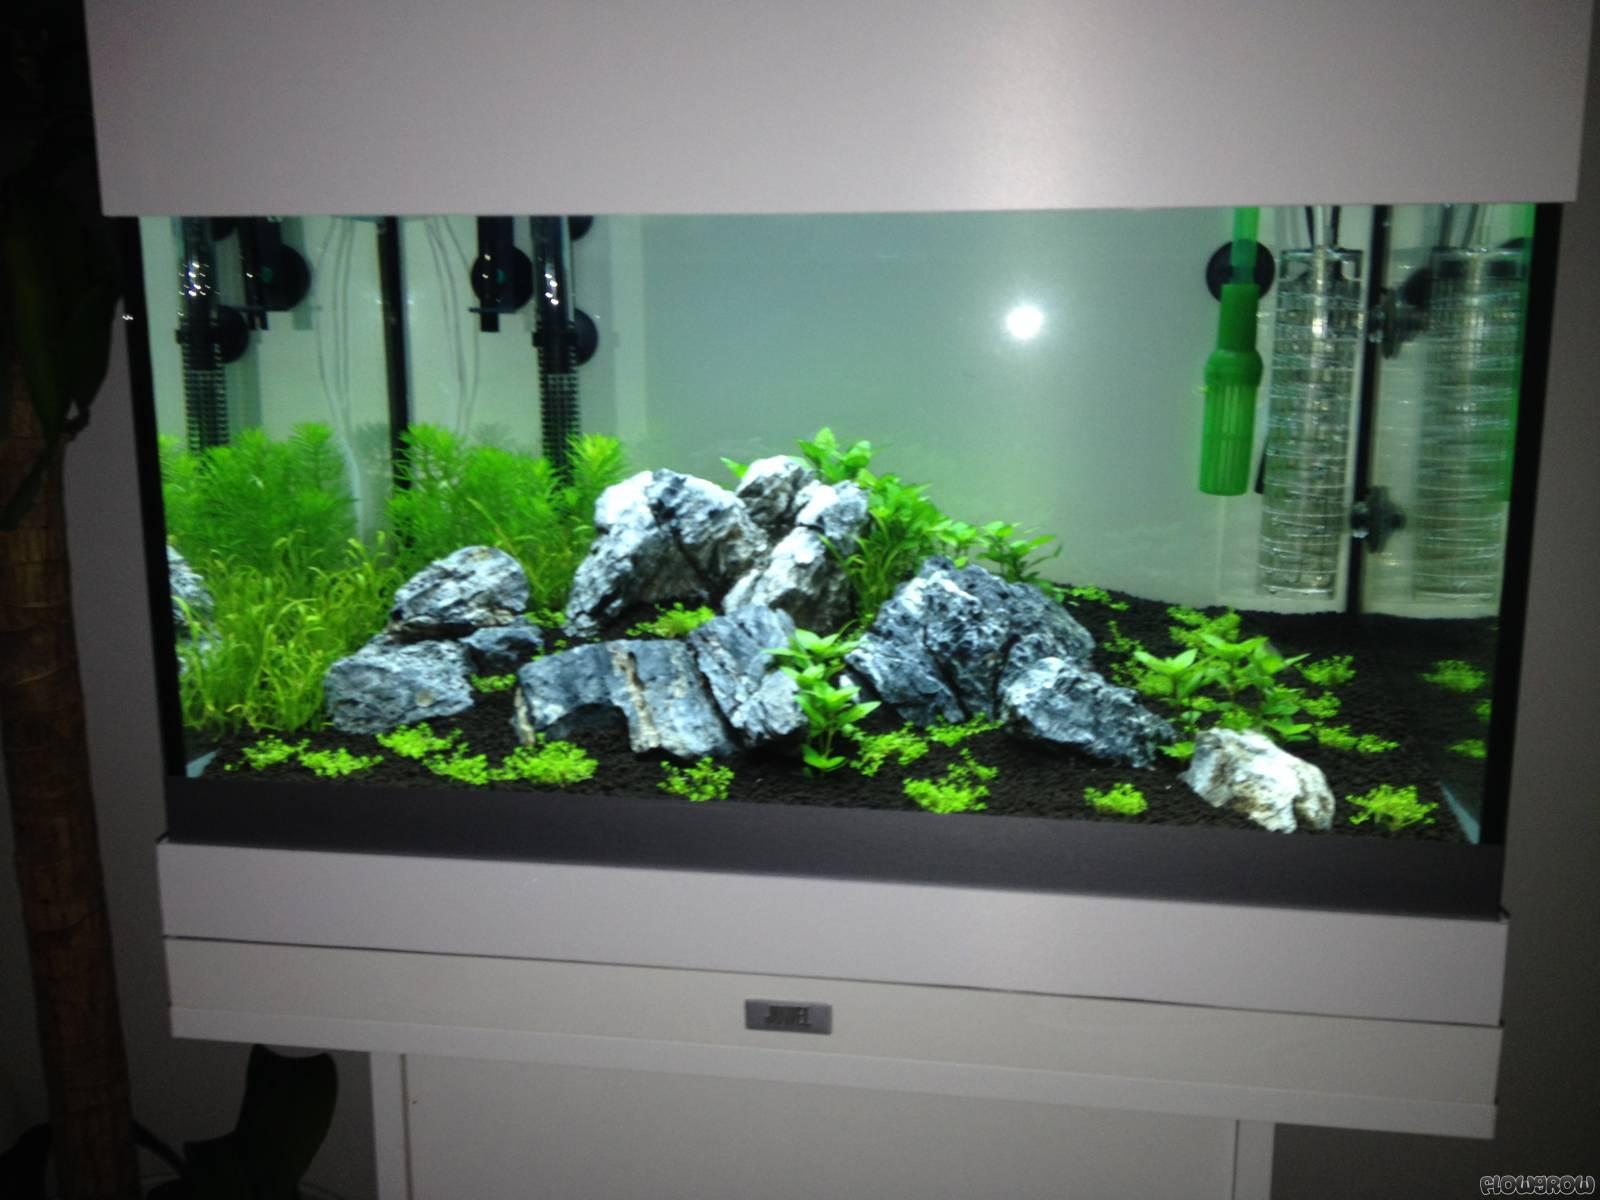 juwel lido 120 umbau flowgrow aquascape aquarien datenbank. Black Bedroom Furniture Sets. Home Design Ideas